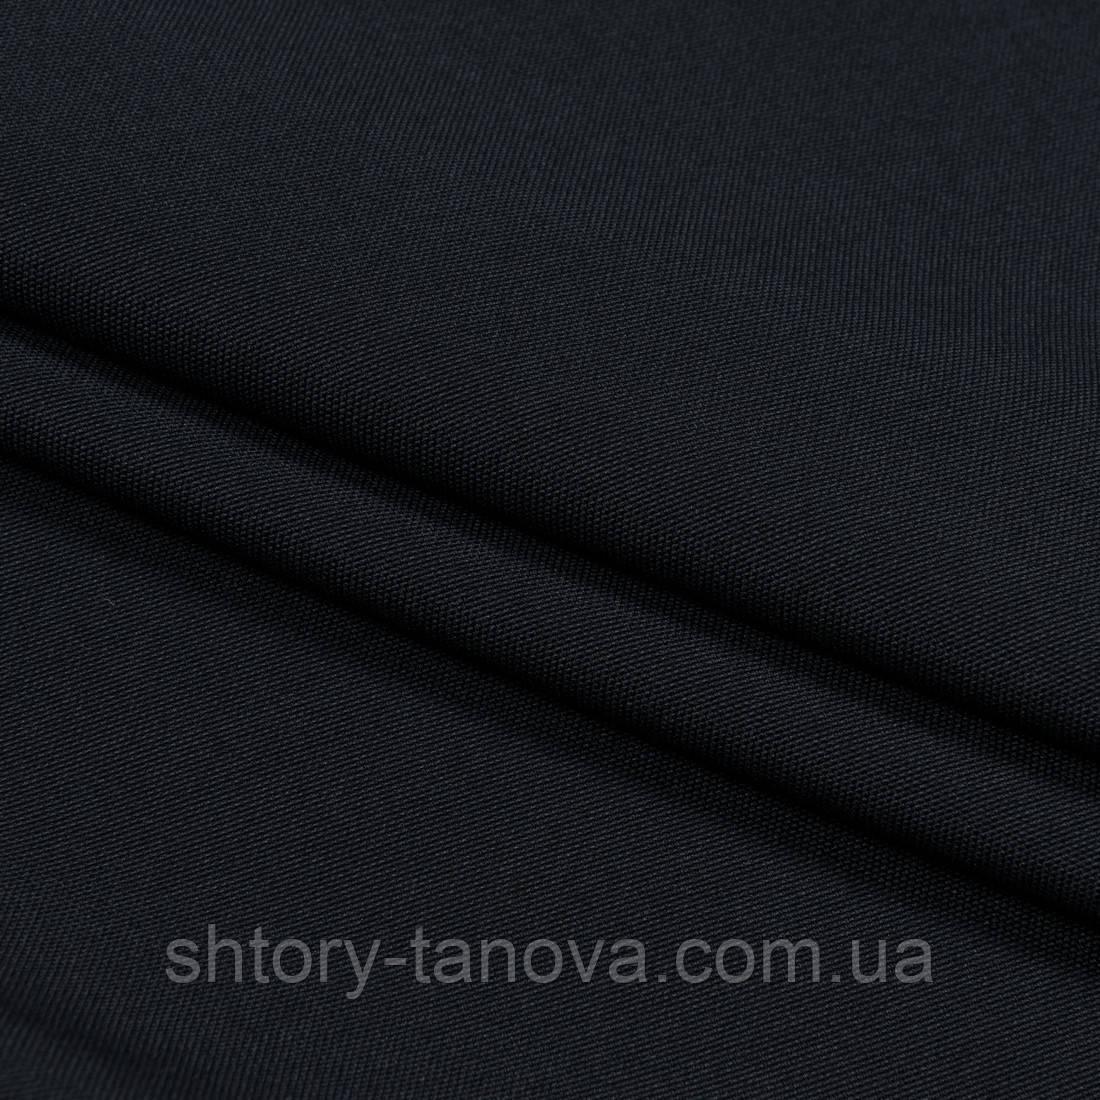 Декоративна тканина щільна рогожка чорний